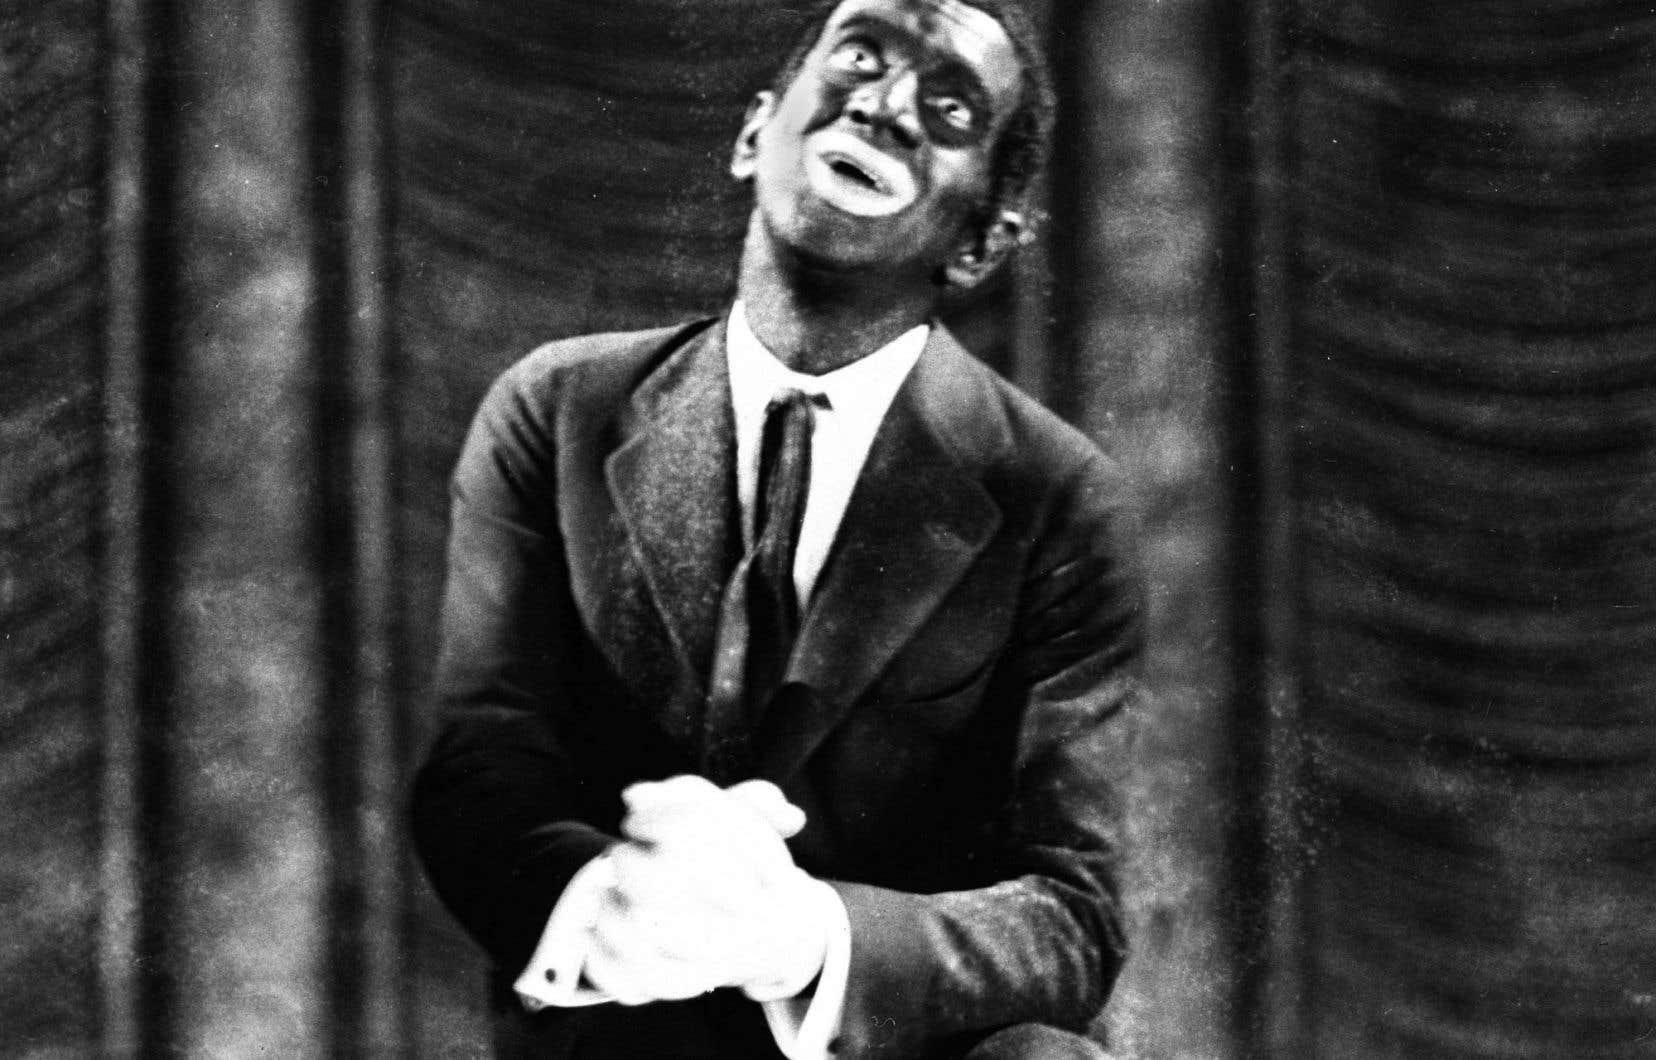 Les réactions autour du «blackface» ont prouvé que peu savaient que cette pratique théâtrale visait autrefois à se moquer des Noirs.